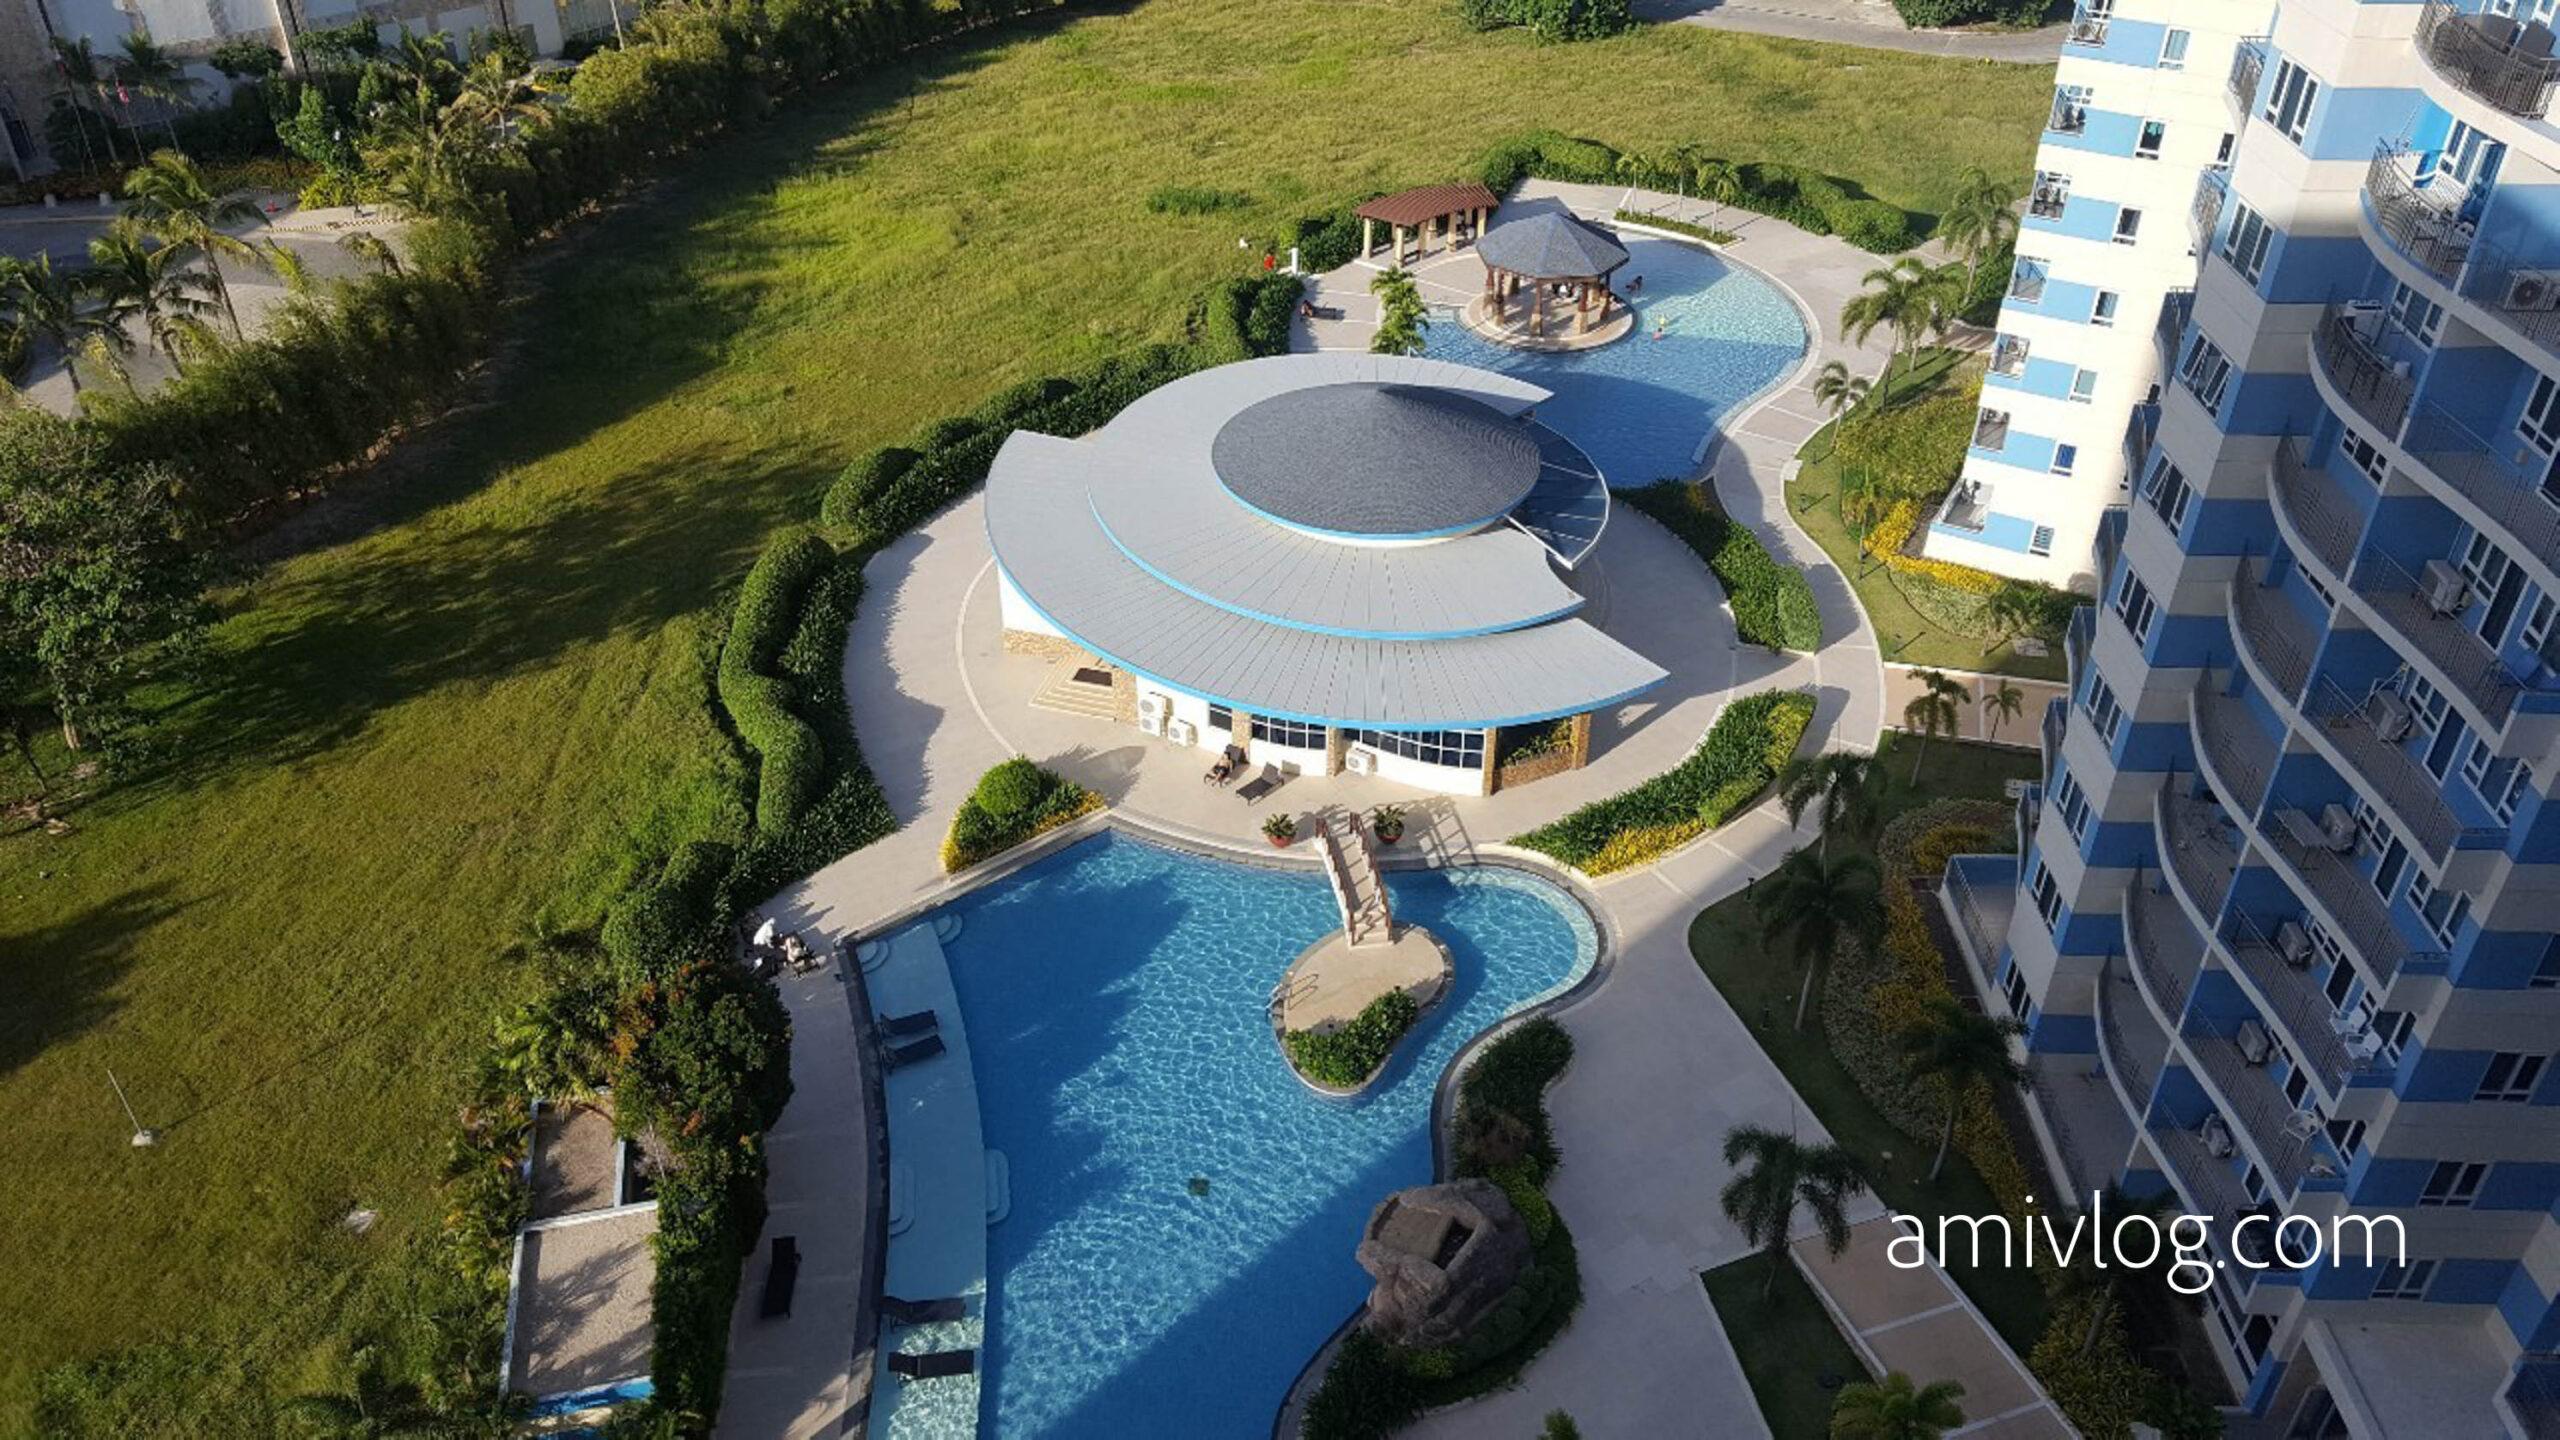 長期滞在向け!プンタ エンガニョ(Punta Engaño)のキッチン付きホテル「Amisa」